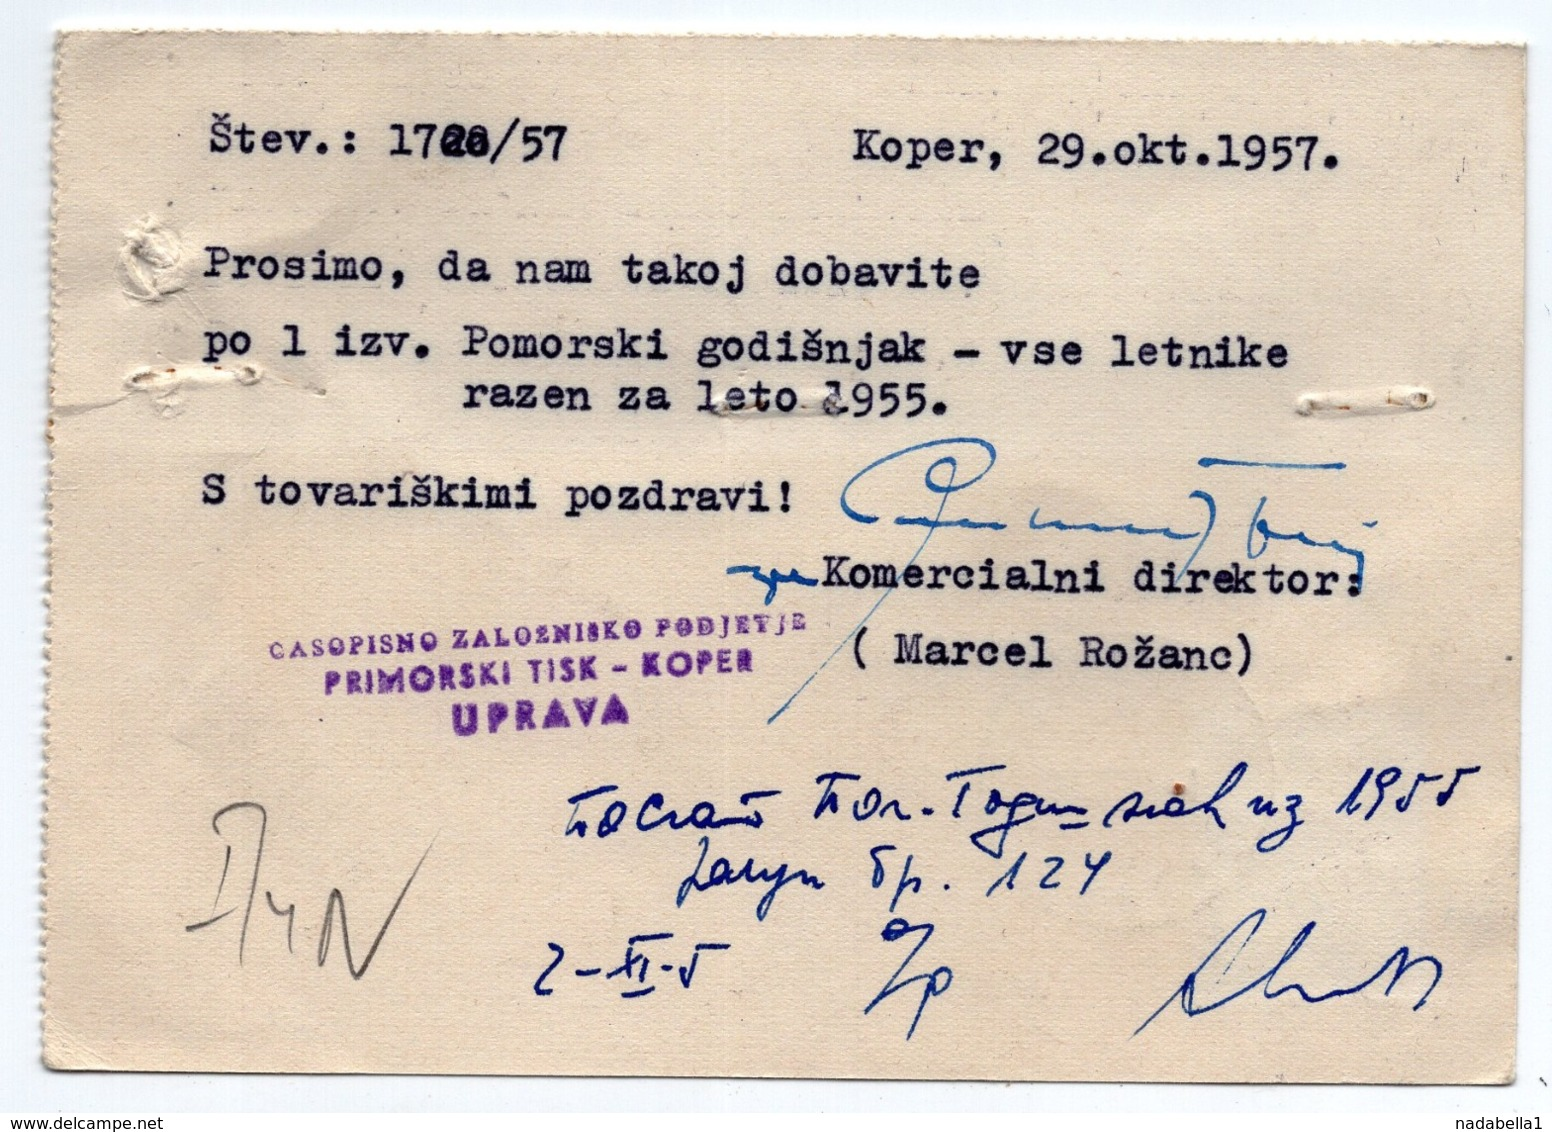 1957 YUGOSLAVIA, SLOVENIA, CAPODISTRIA, KOPER, CORRESPONDENCE CARD, PRIMORSKI TISK - Covers & Documents